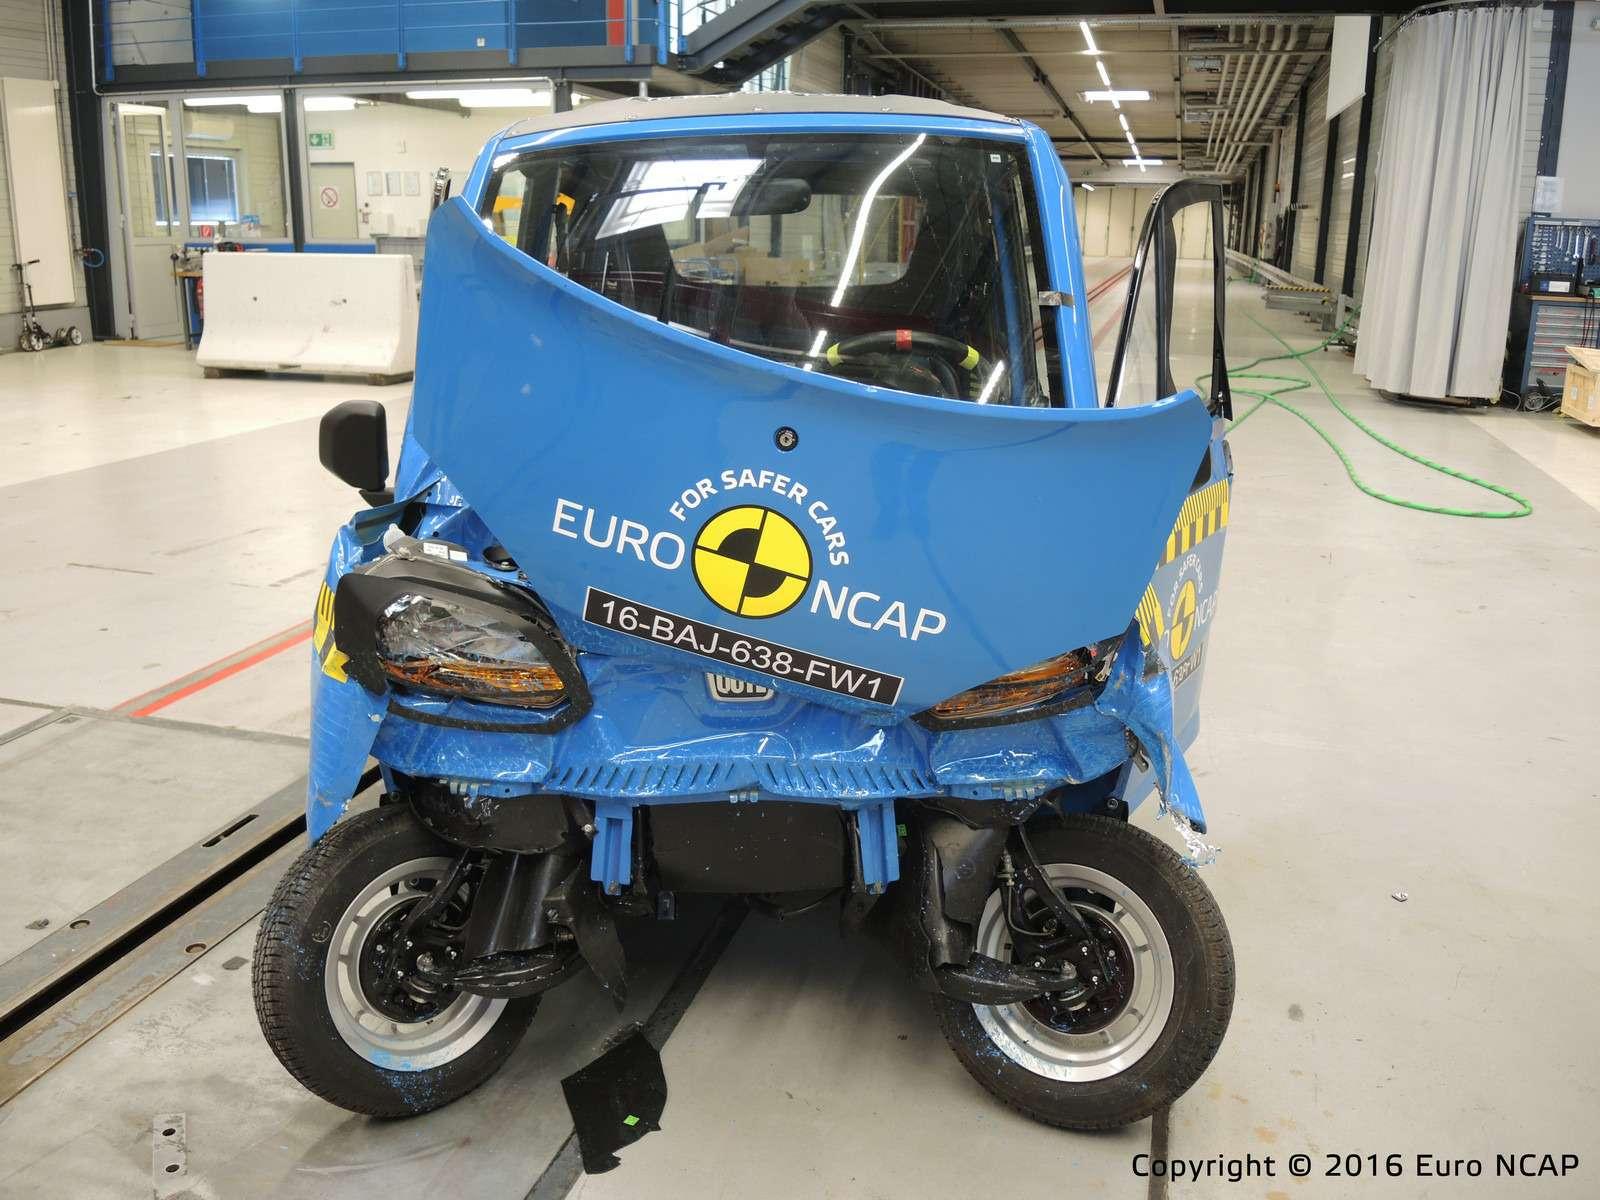 Euro NCAP огласил ужасающие результаты краш-тестов тяжелых квадроциклов— фото 573076